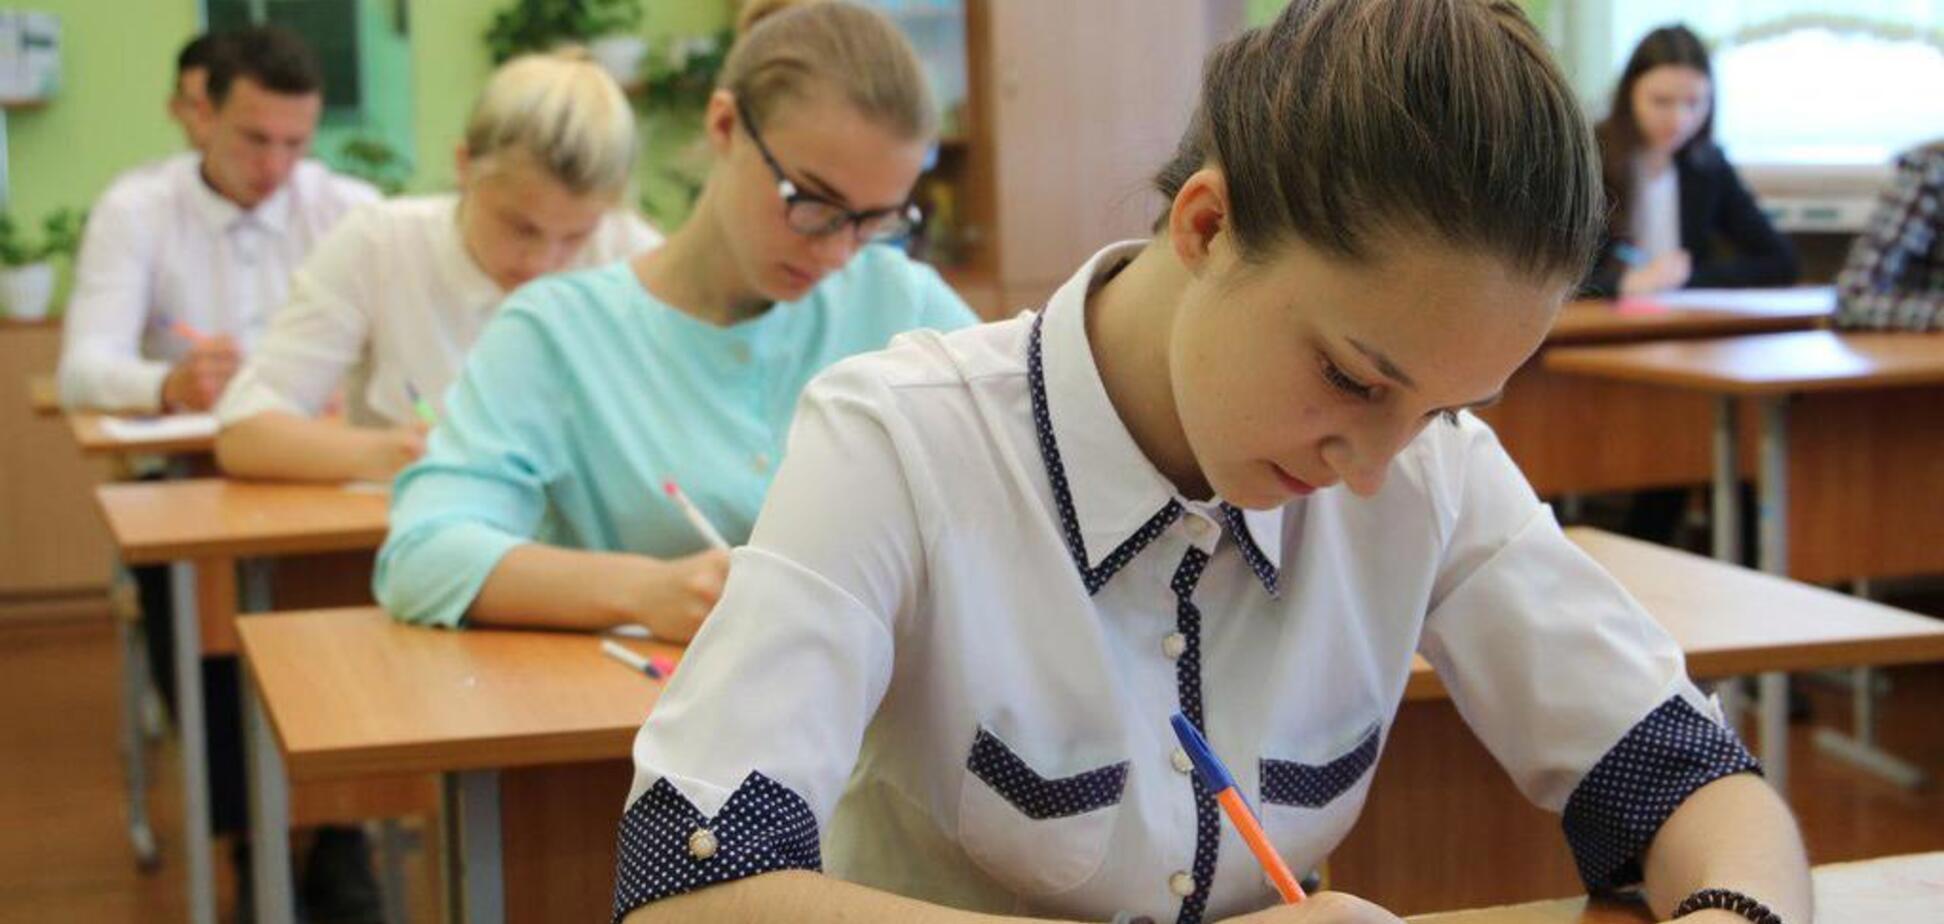 В Украине ввели новые условия поступления в вузы: кого коснется